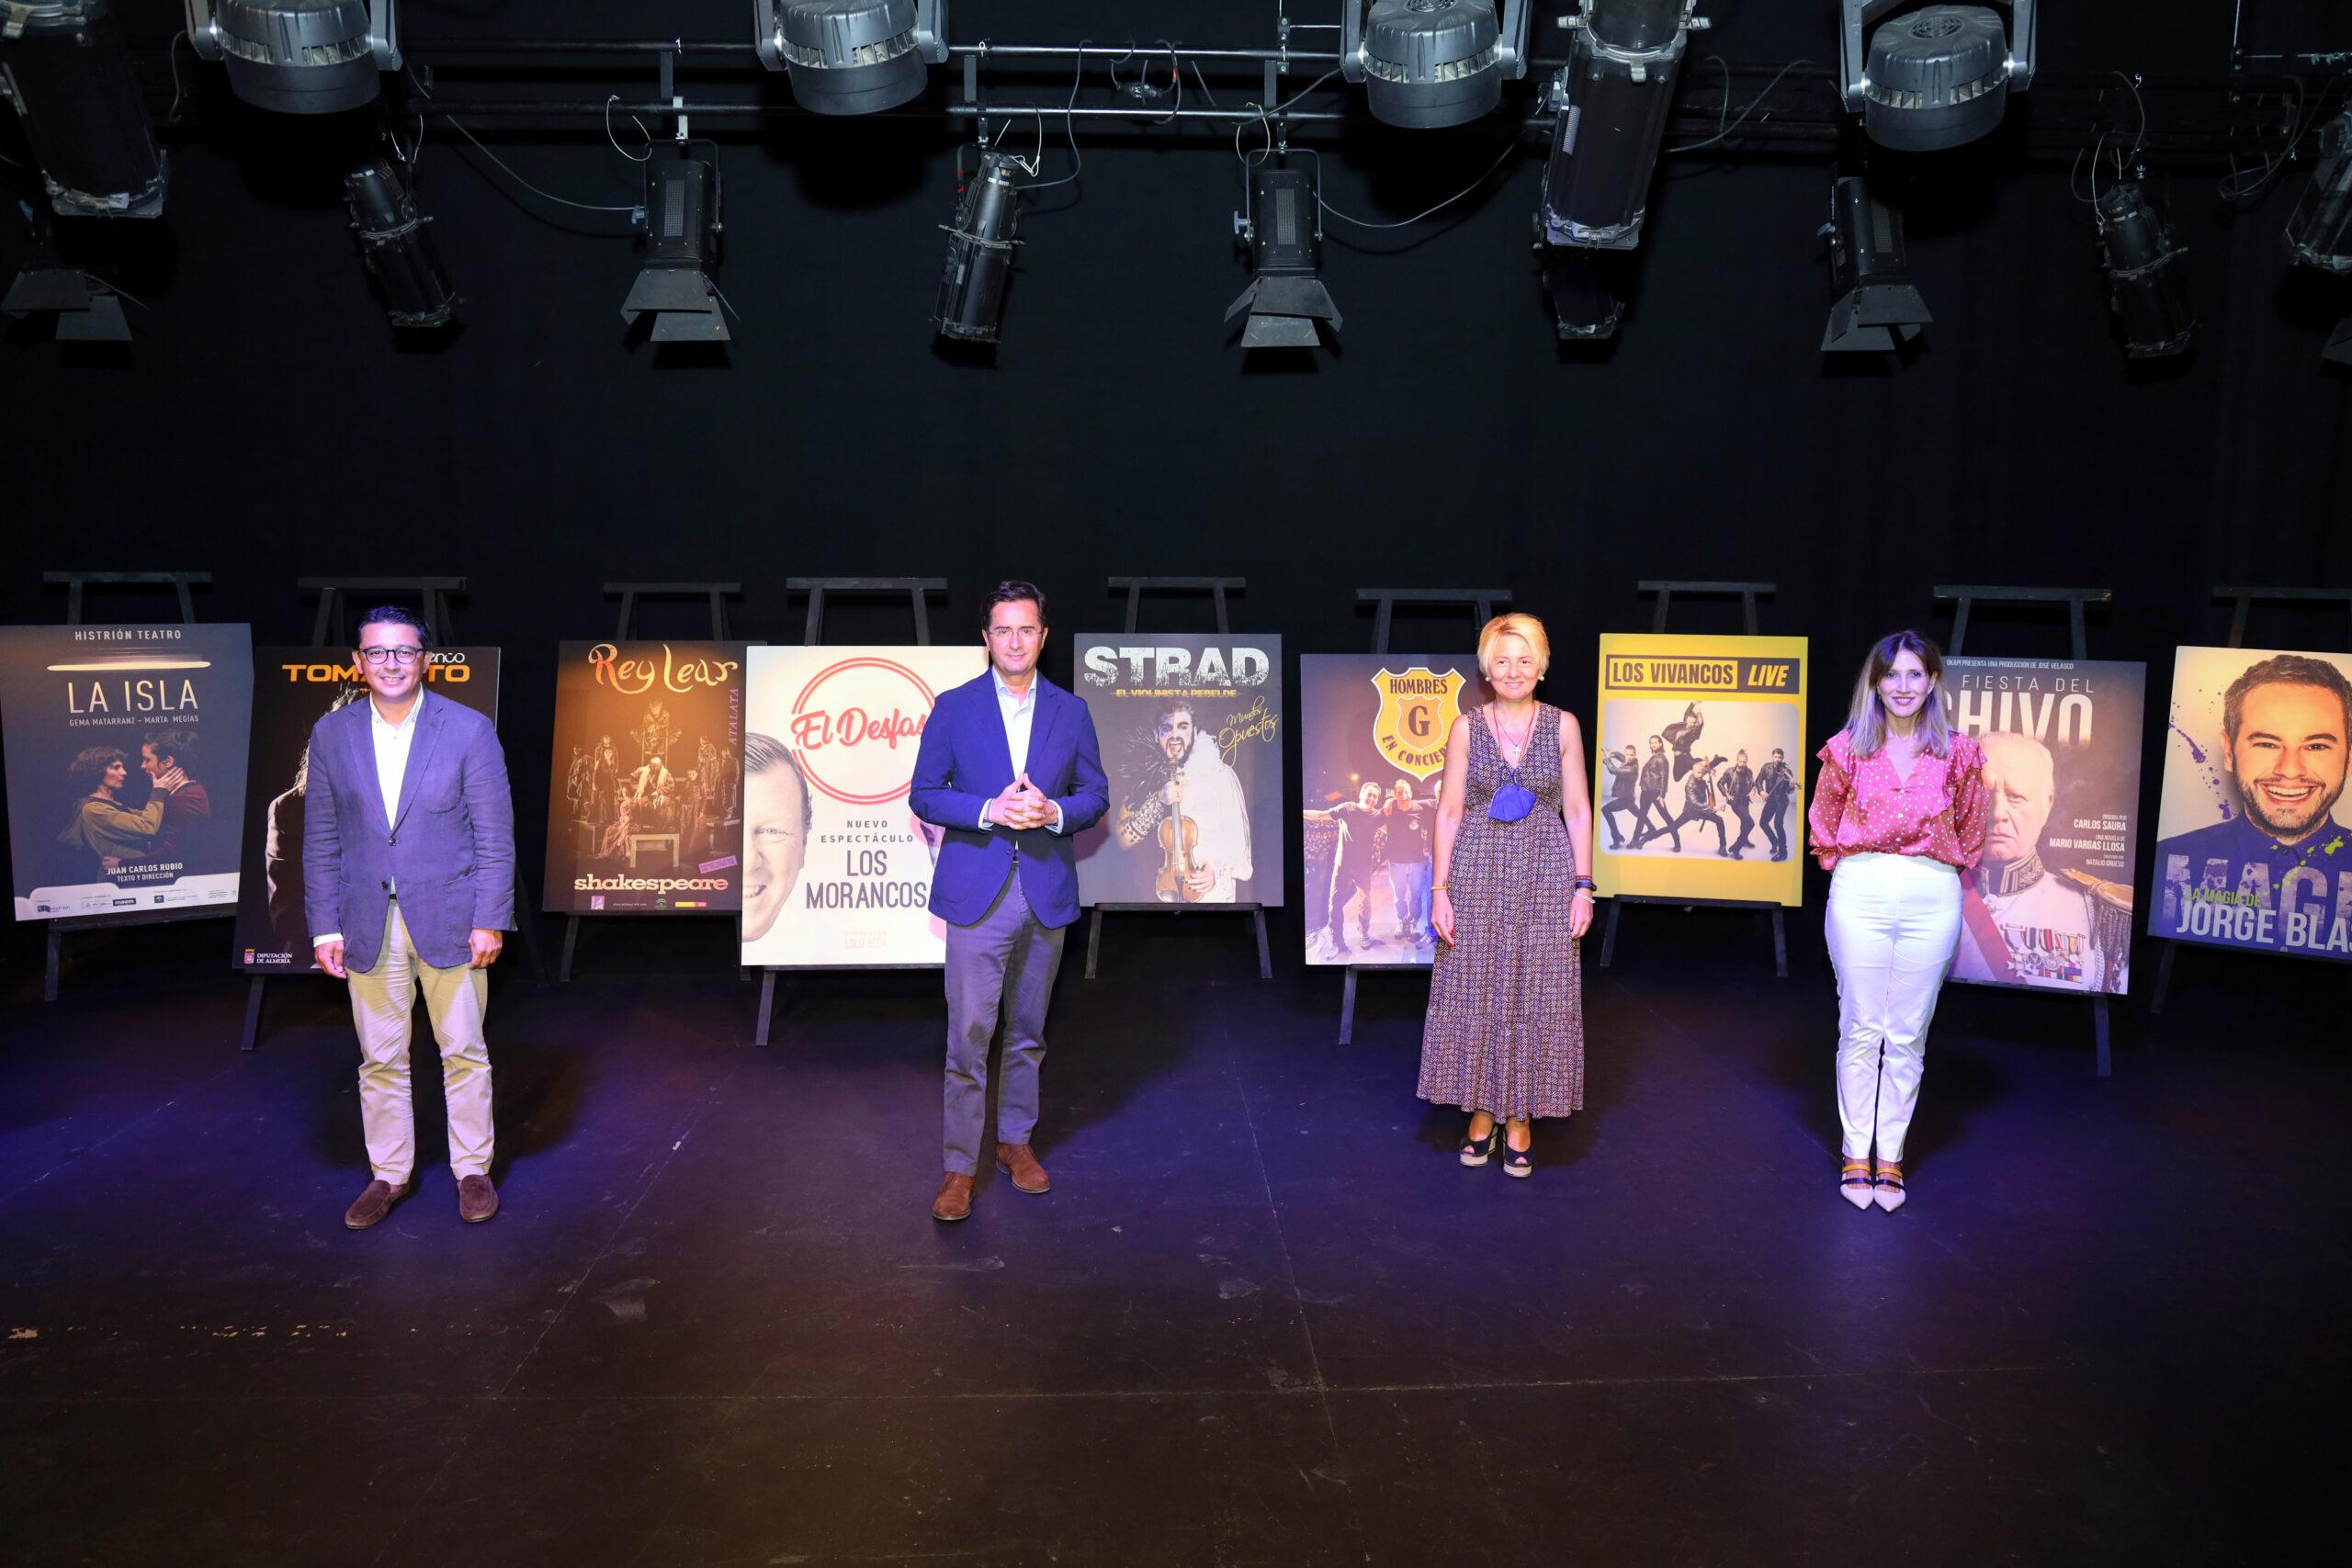 El 44º Festival de Teatro de El Ejido levanta el telón en otoño con compañías y artistas de primer nivel y 45 espectáculos que abarcan todas las artes escénicas